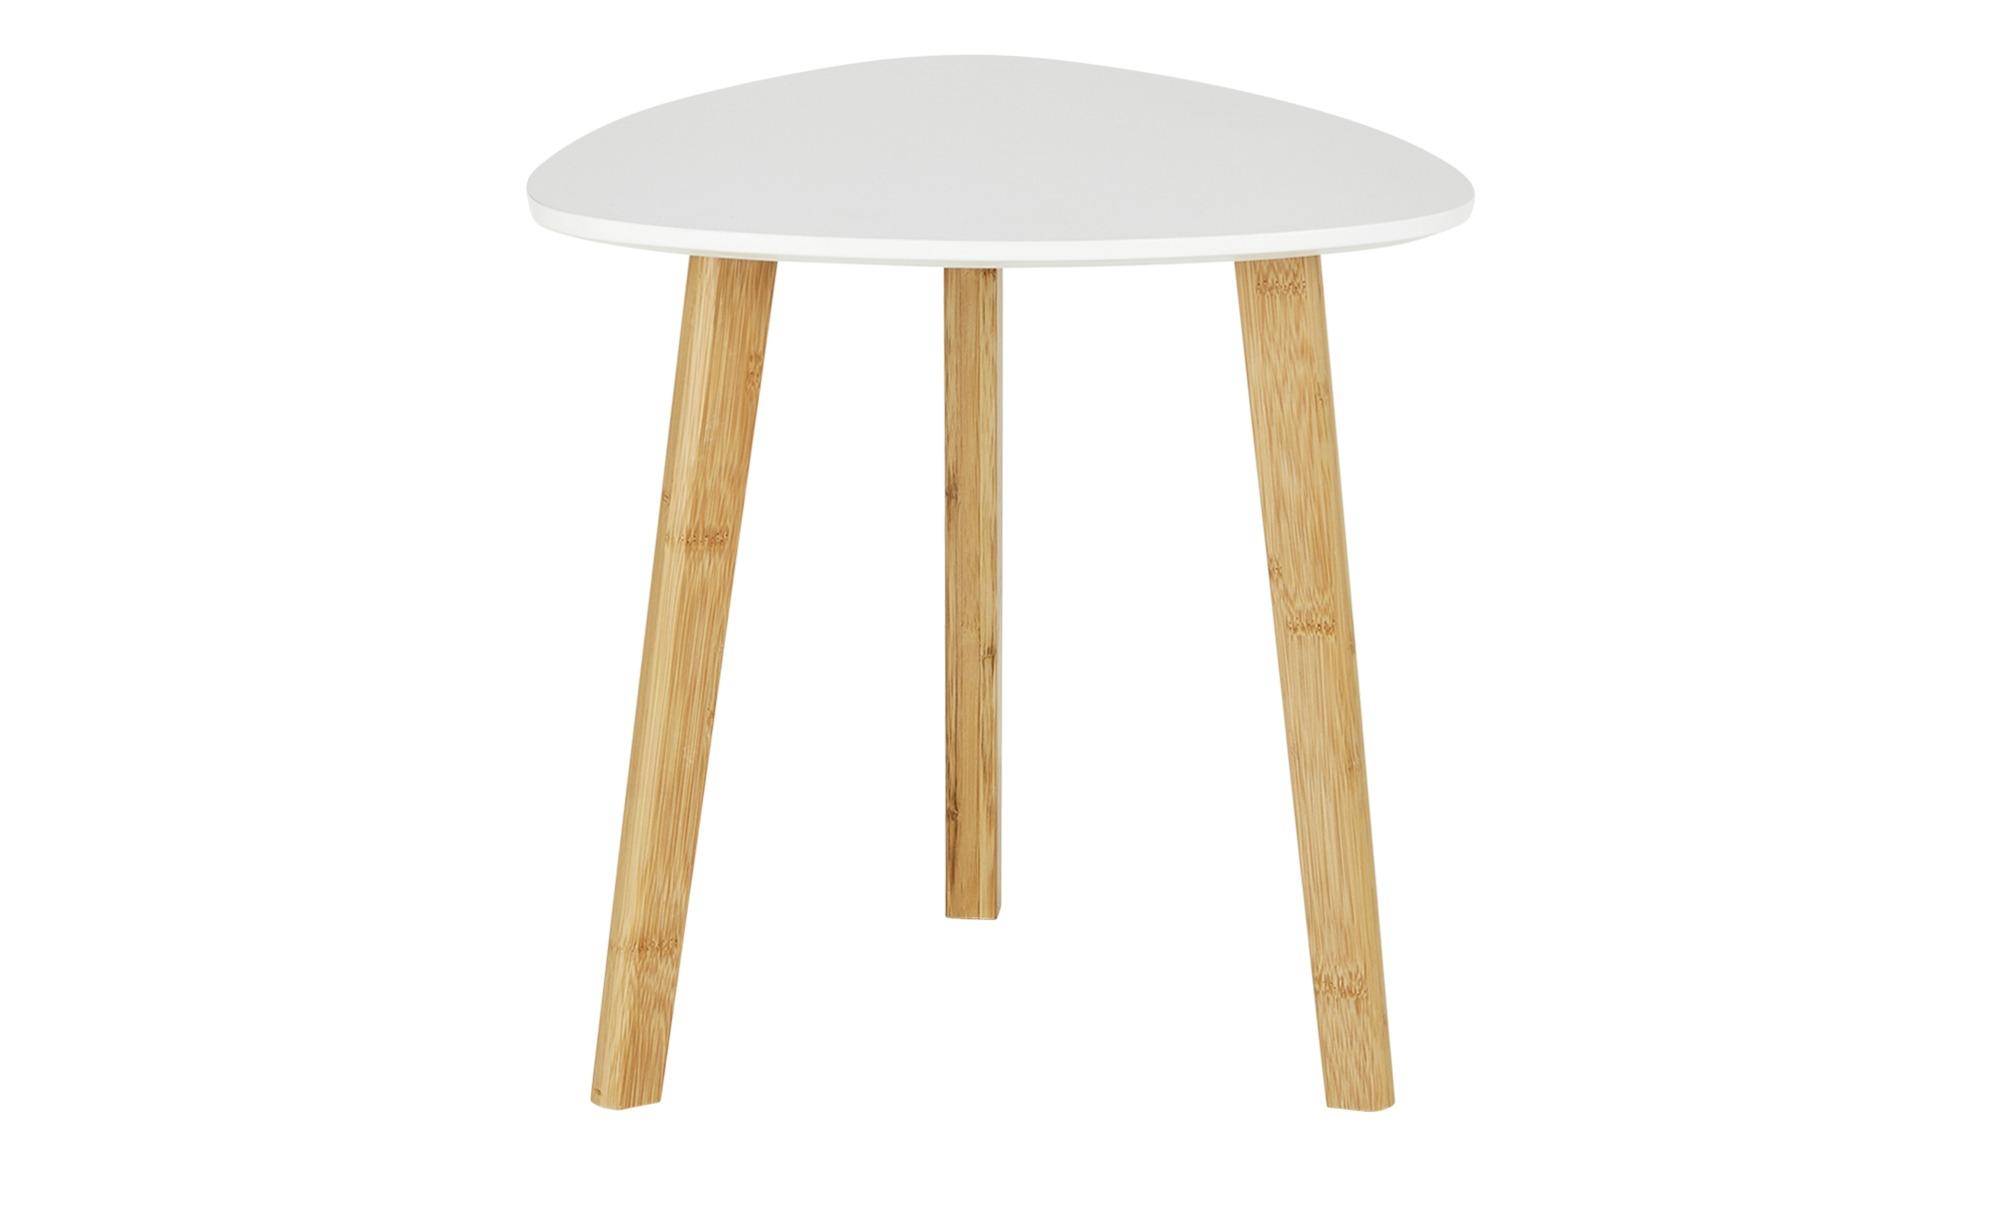 Beistelltisch  Bamboo ¦ weiß ¦ Maße (cm): B: 40 H: 40 Tische > Beistelltische > Beistelltische ohne Rollen - Höffner